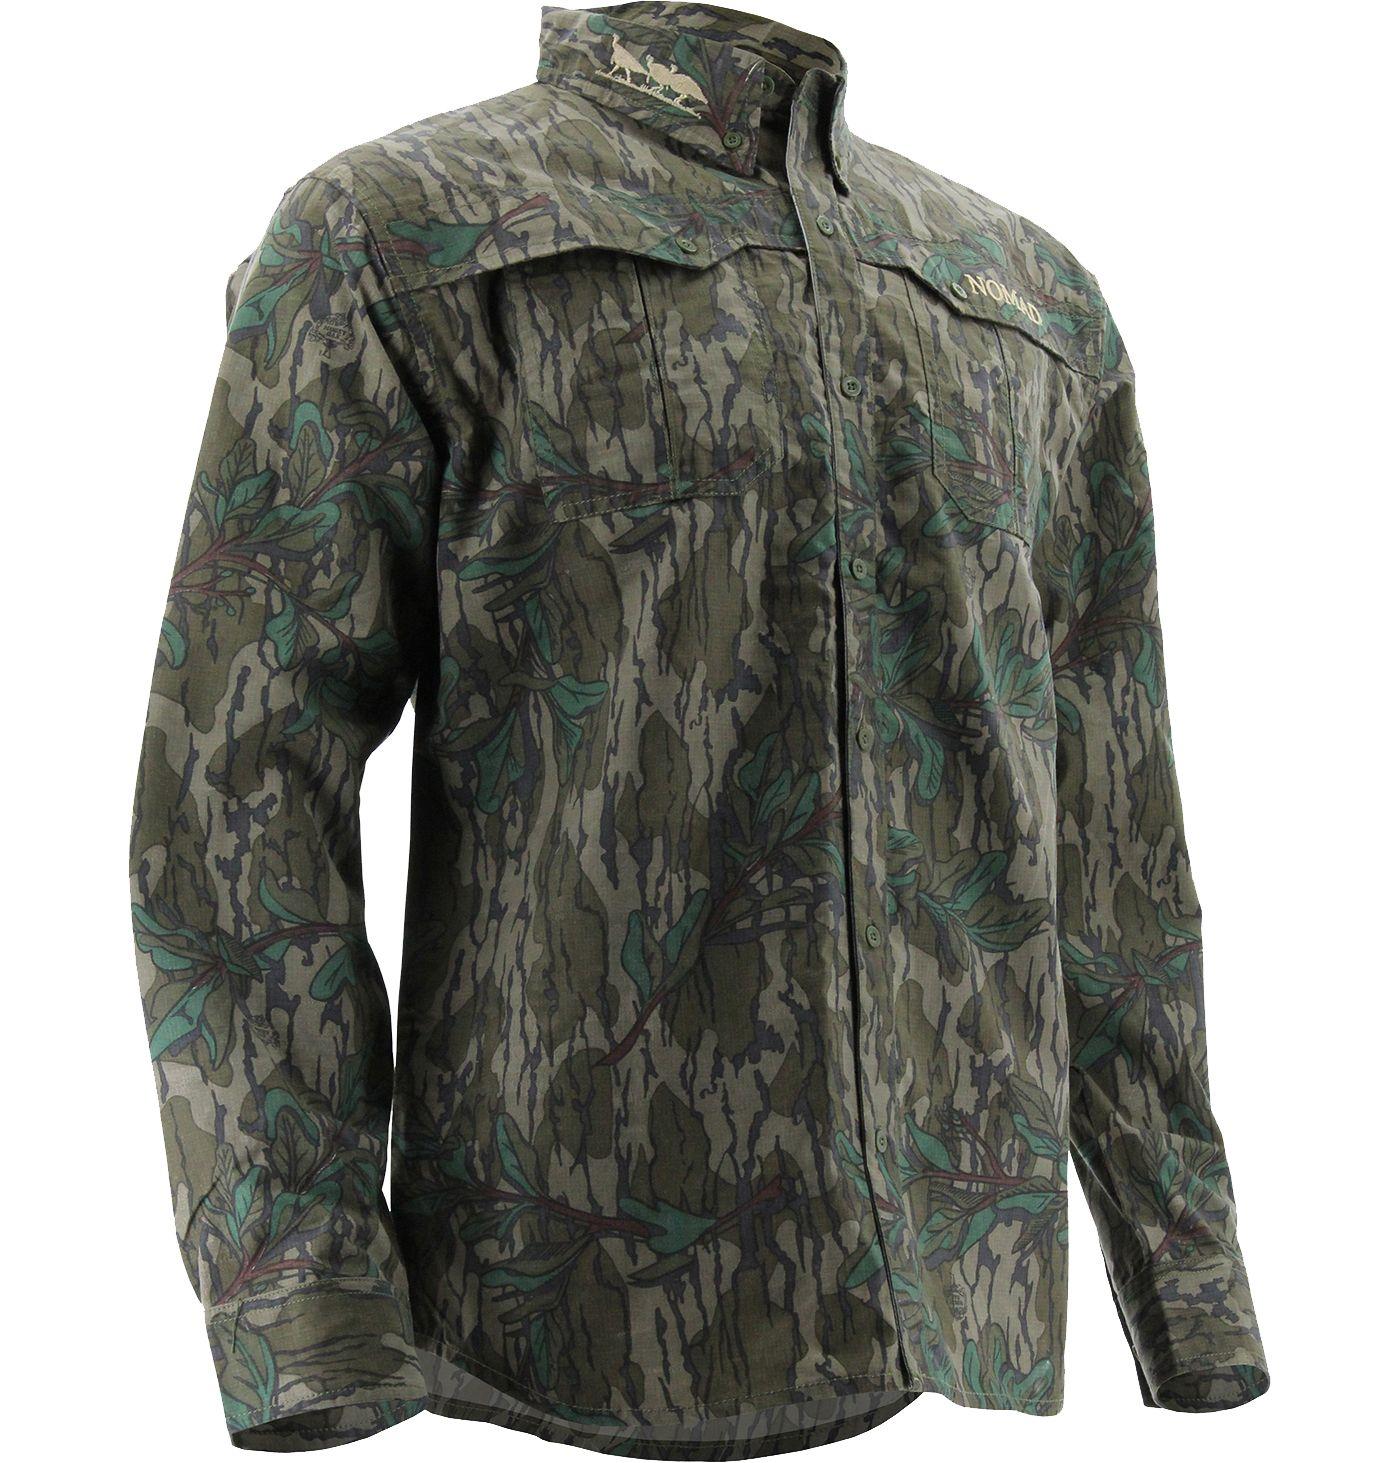 NOMAD Men's NWTF Long Sleeve Shirt